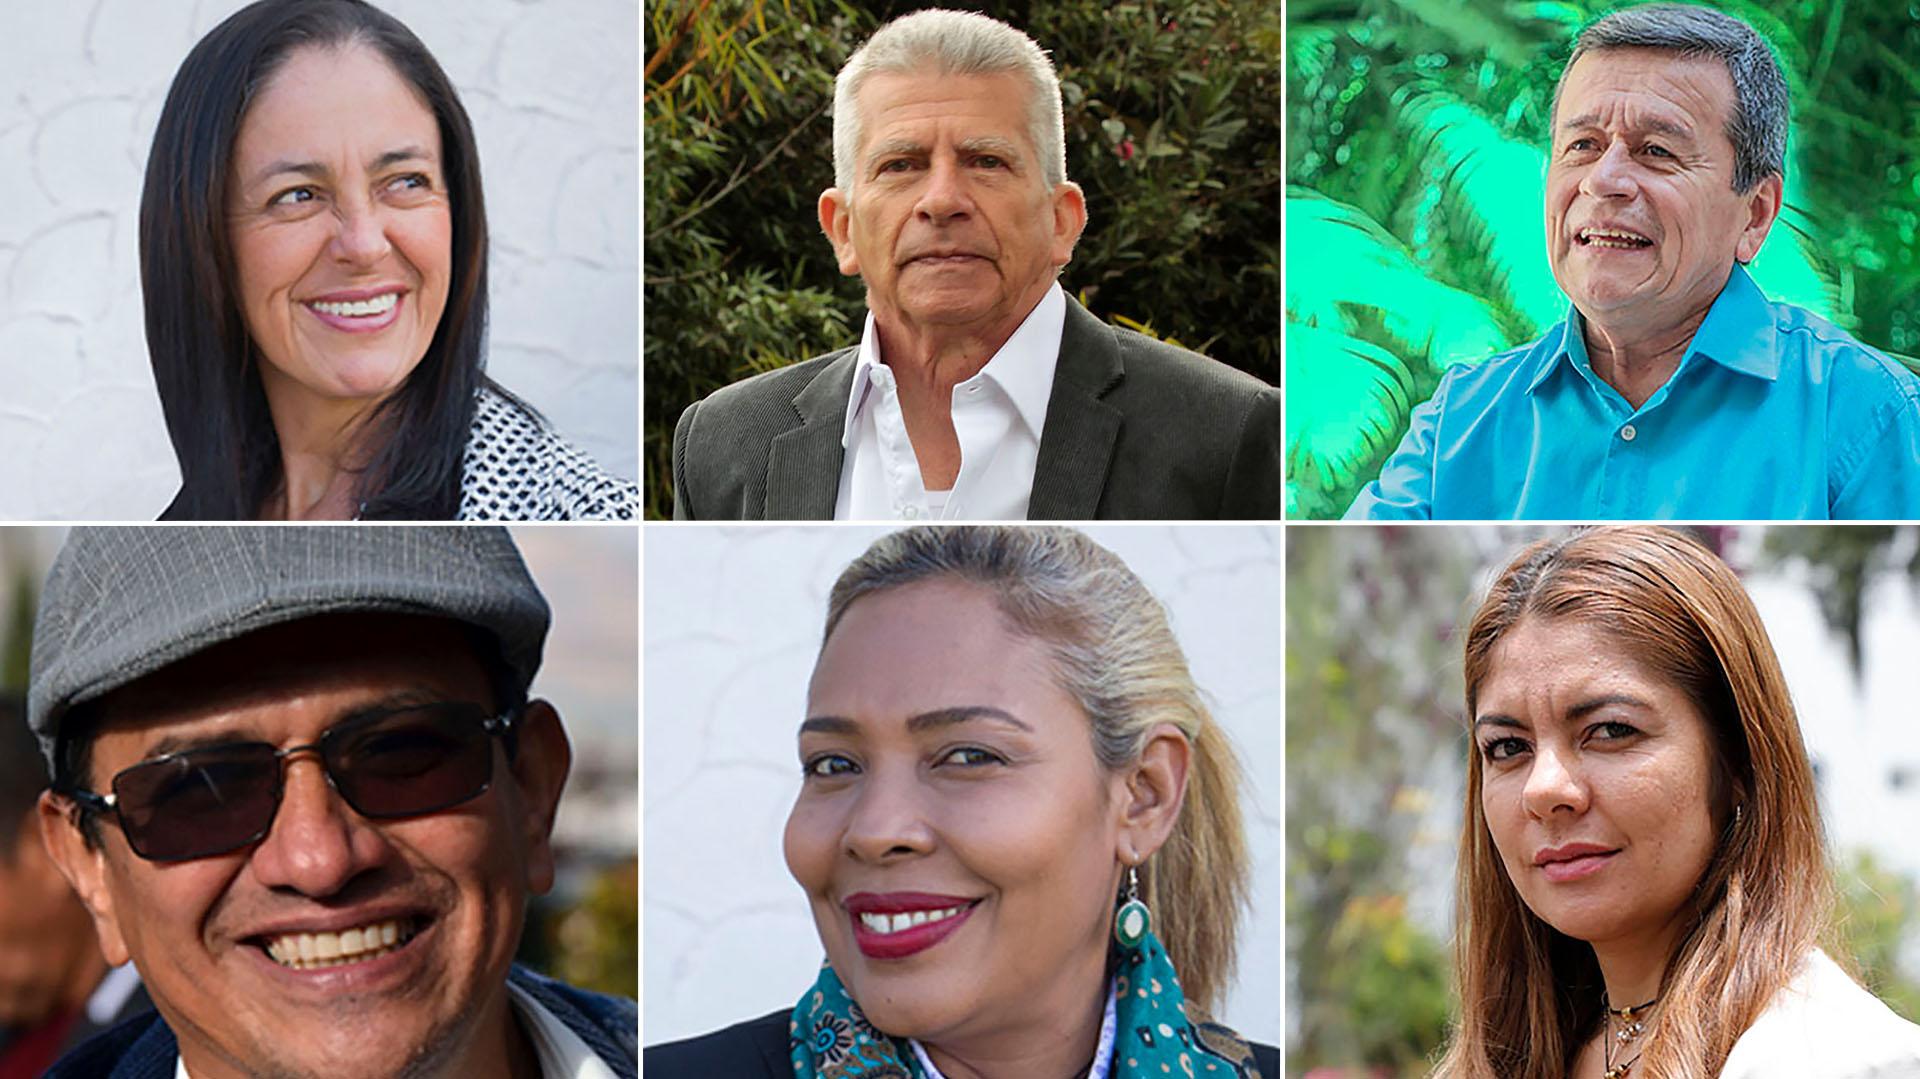 Estos sonalgunos de los diez delegados del ELN en la mesa de negociación de La Habana que tienen órdenes de captura.